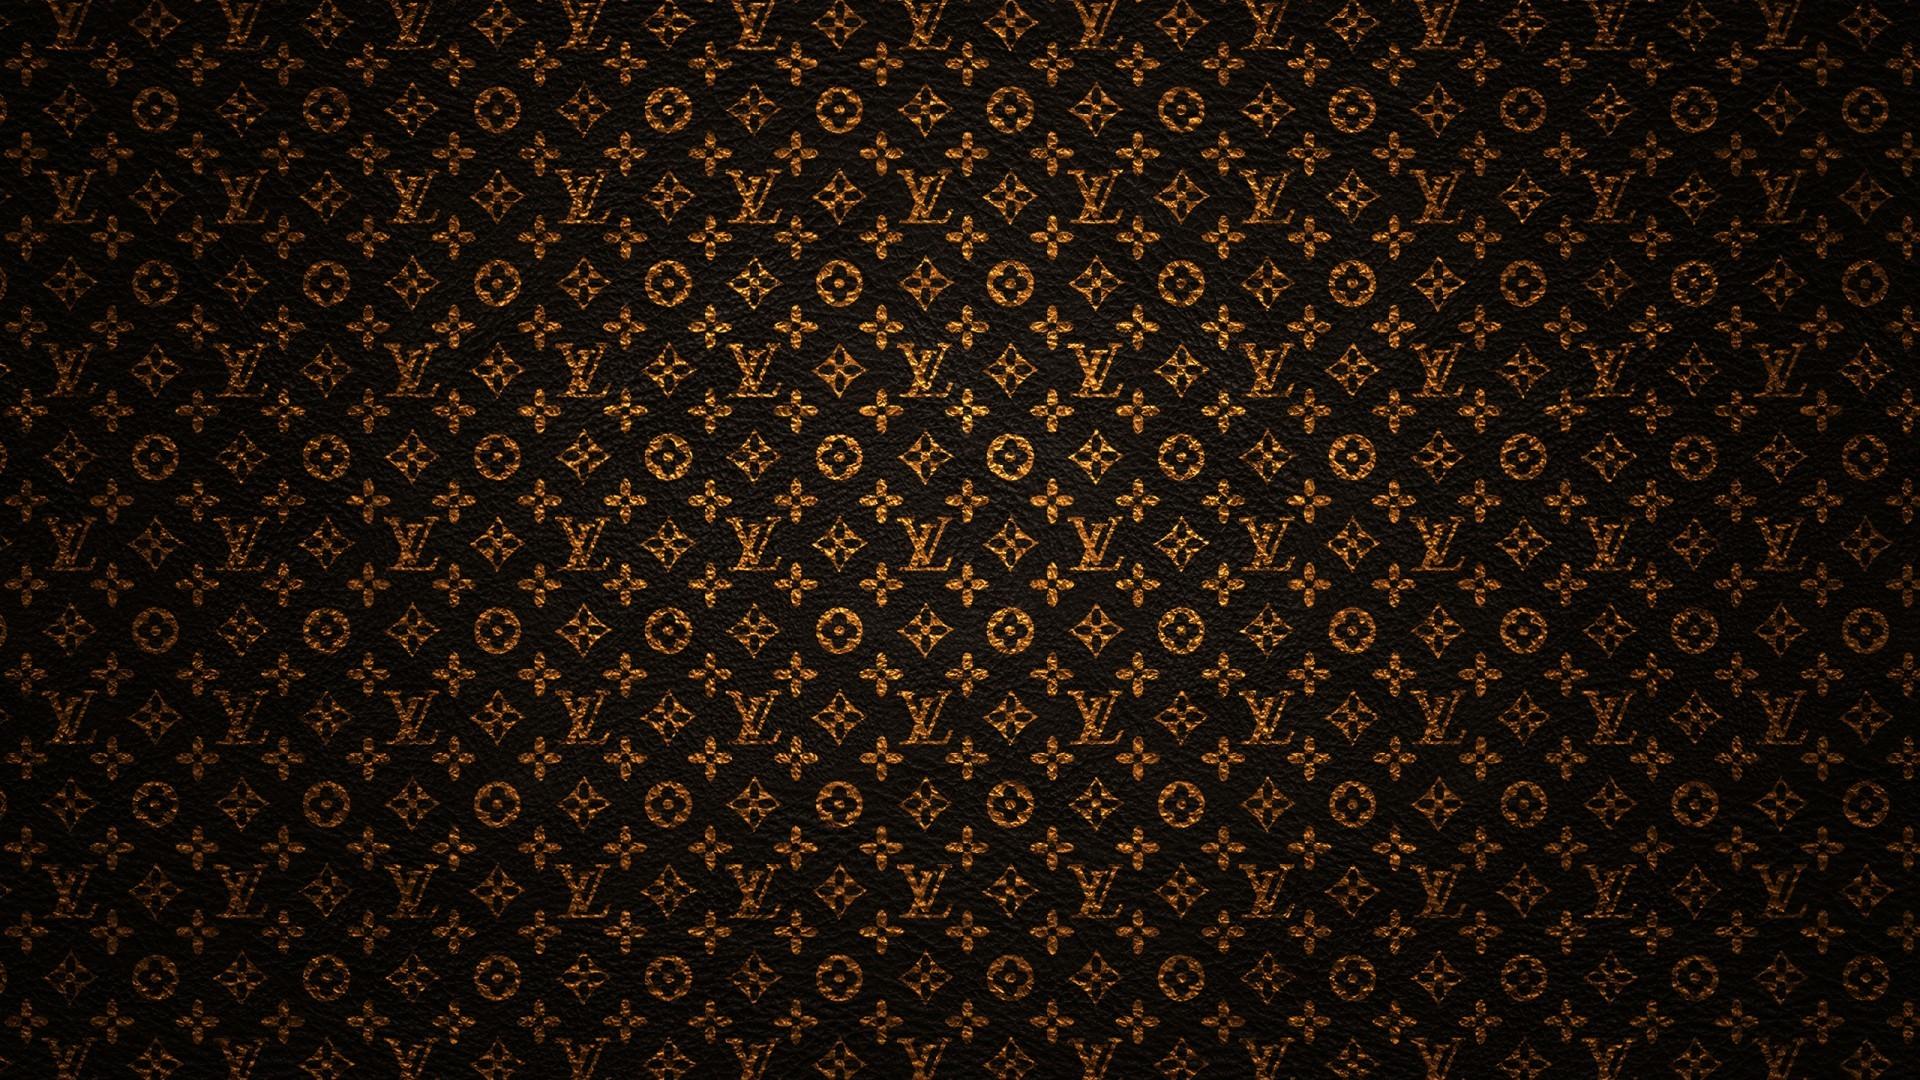 19851 Заставки и Обои Бренды на телефон. Скачать Бренды, Луи Виттон (Louis Vuitton), Фон, Логотипы картинки бесплатно